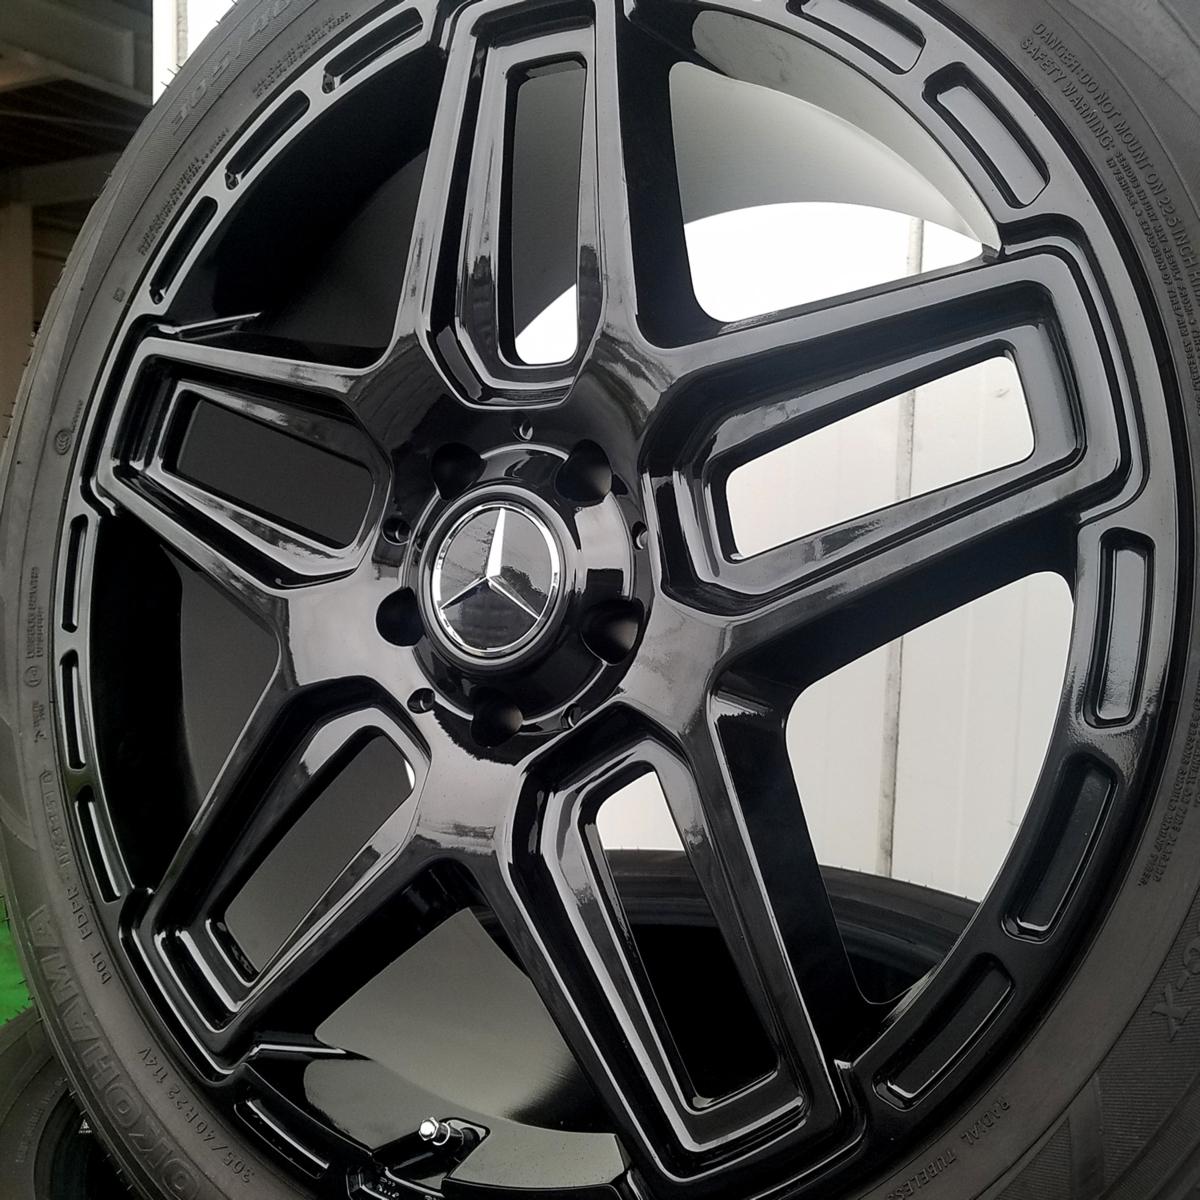 国産タイヤset LEXXEL Anthem メルセデス ベンツ Gクラス ゲレンデ G63 G65 G550 G500 G350 YOKOHAMA PARADA SPEC-X 285/45R22 22インチ_画像1